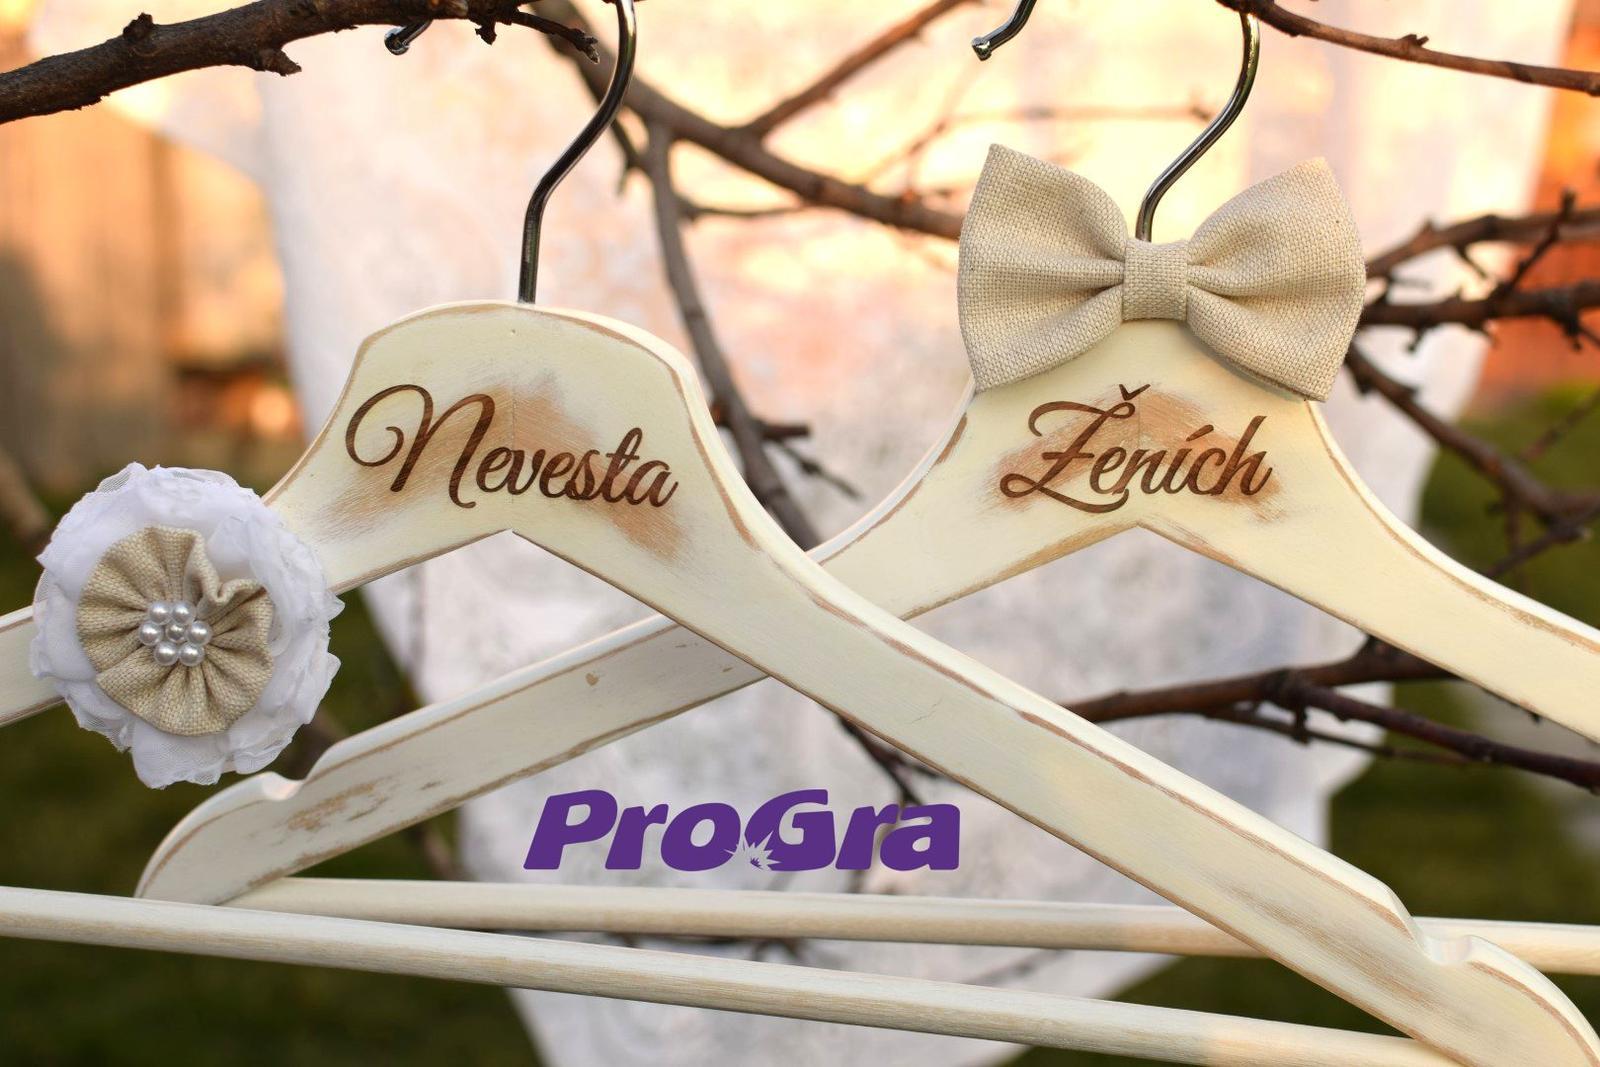 """Originální Svatební Doplňky - Jednoduché a krásné svatební věšáky pro nevěstu a ženicha ve stylu """"natur""""."""